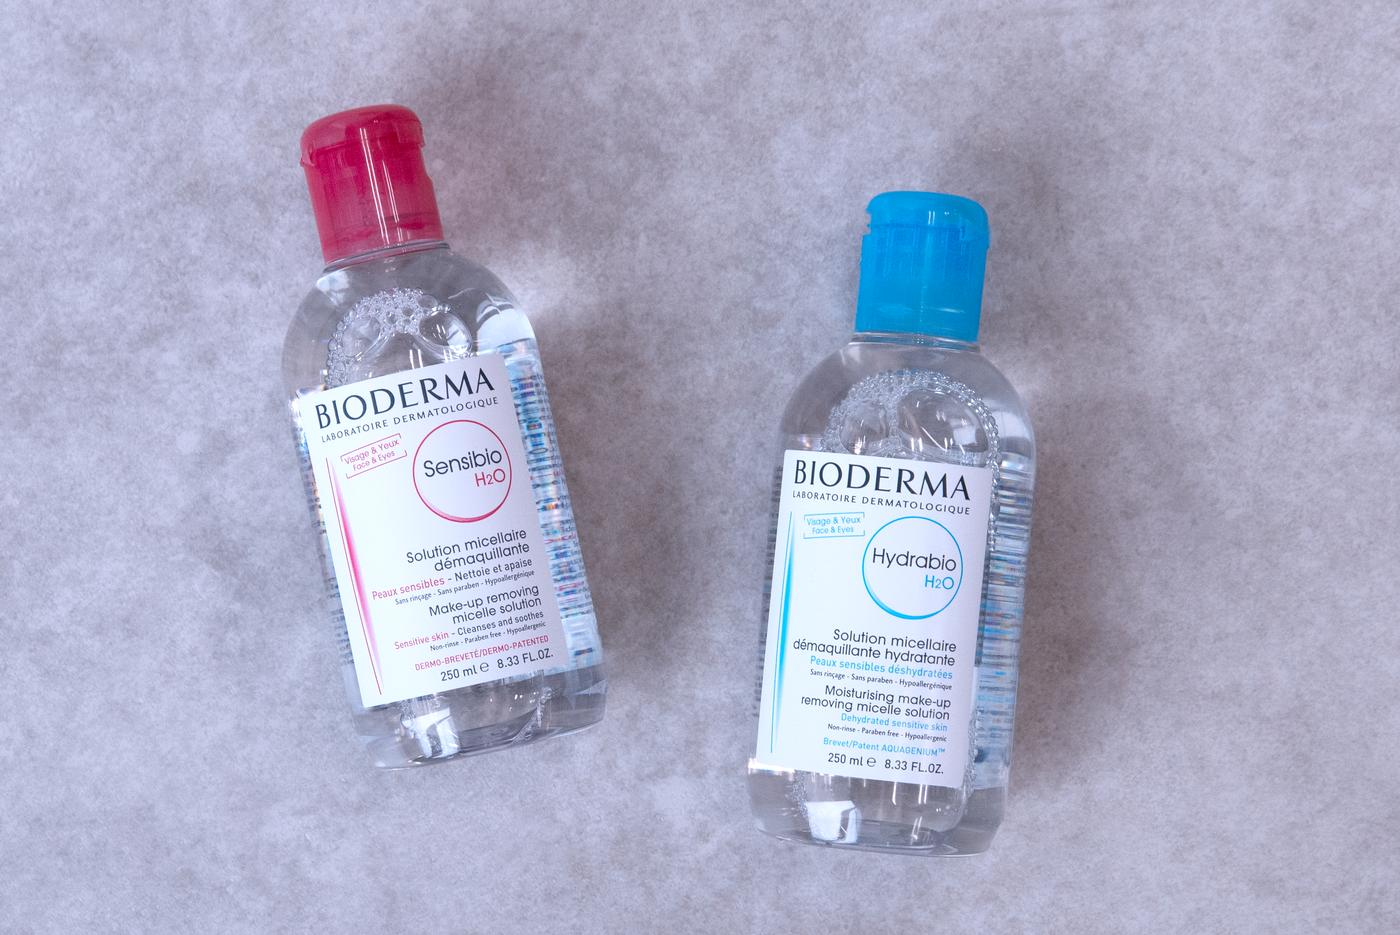 ビオデルマは乾燥肌の味方♡イドラビオのクレンジング水をレビュー!の10枚目の画像